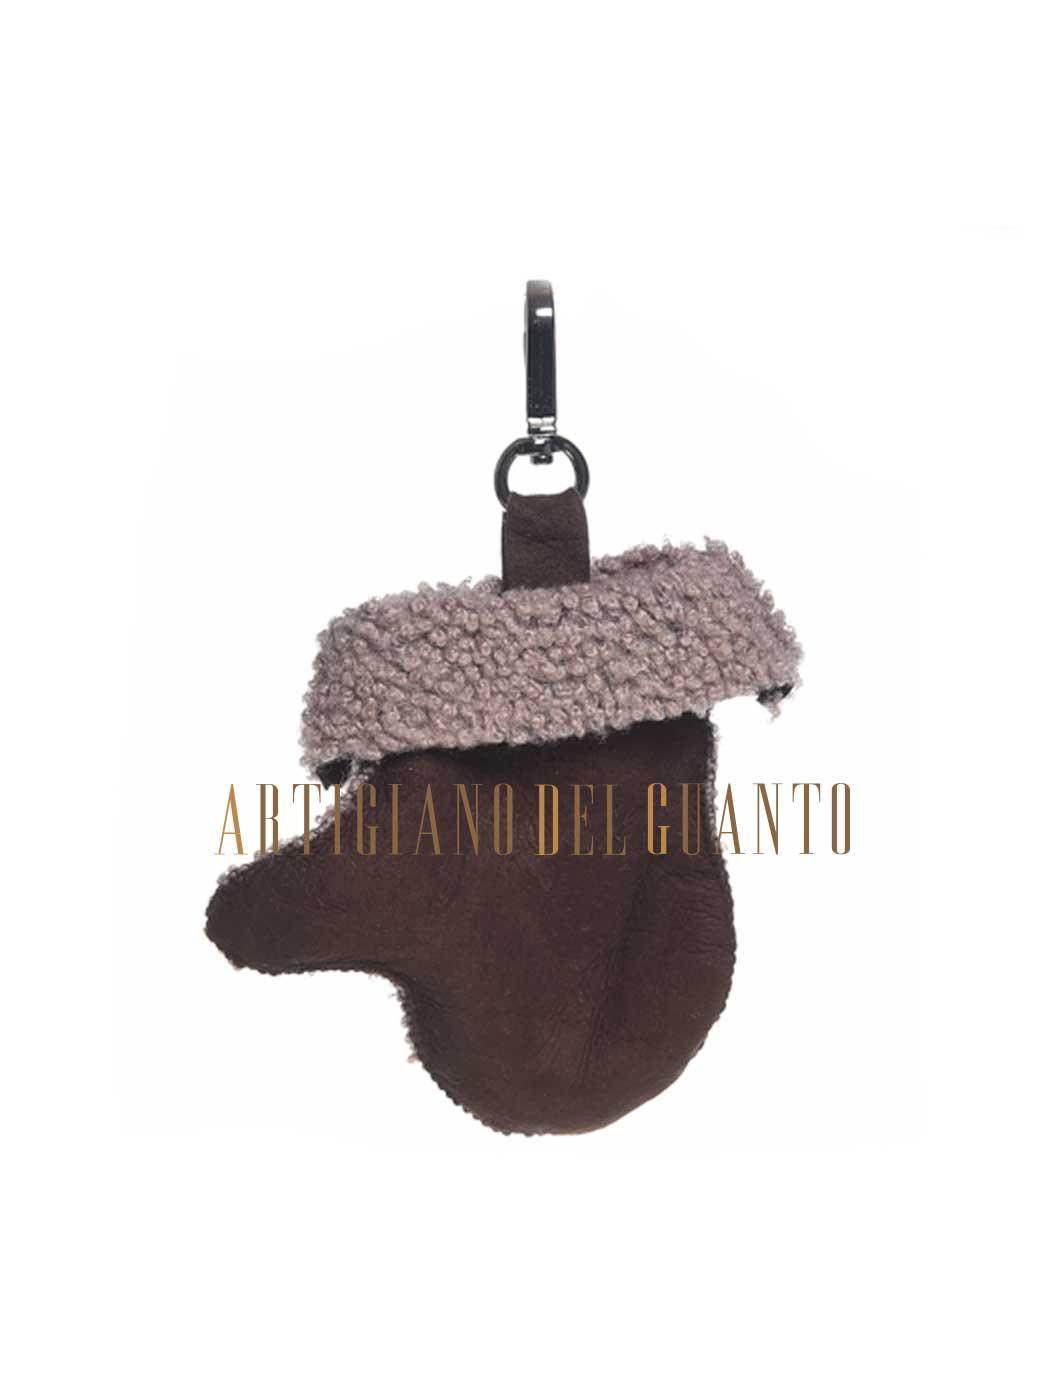 Simpatico portachiavi in pelle di Montone a forma di ''piccolo guanto'' realizzato a mano nei laboratori Artigiano Del Guanto.